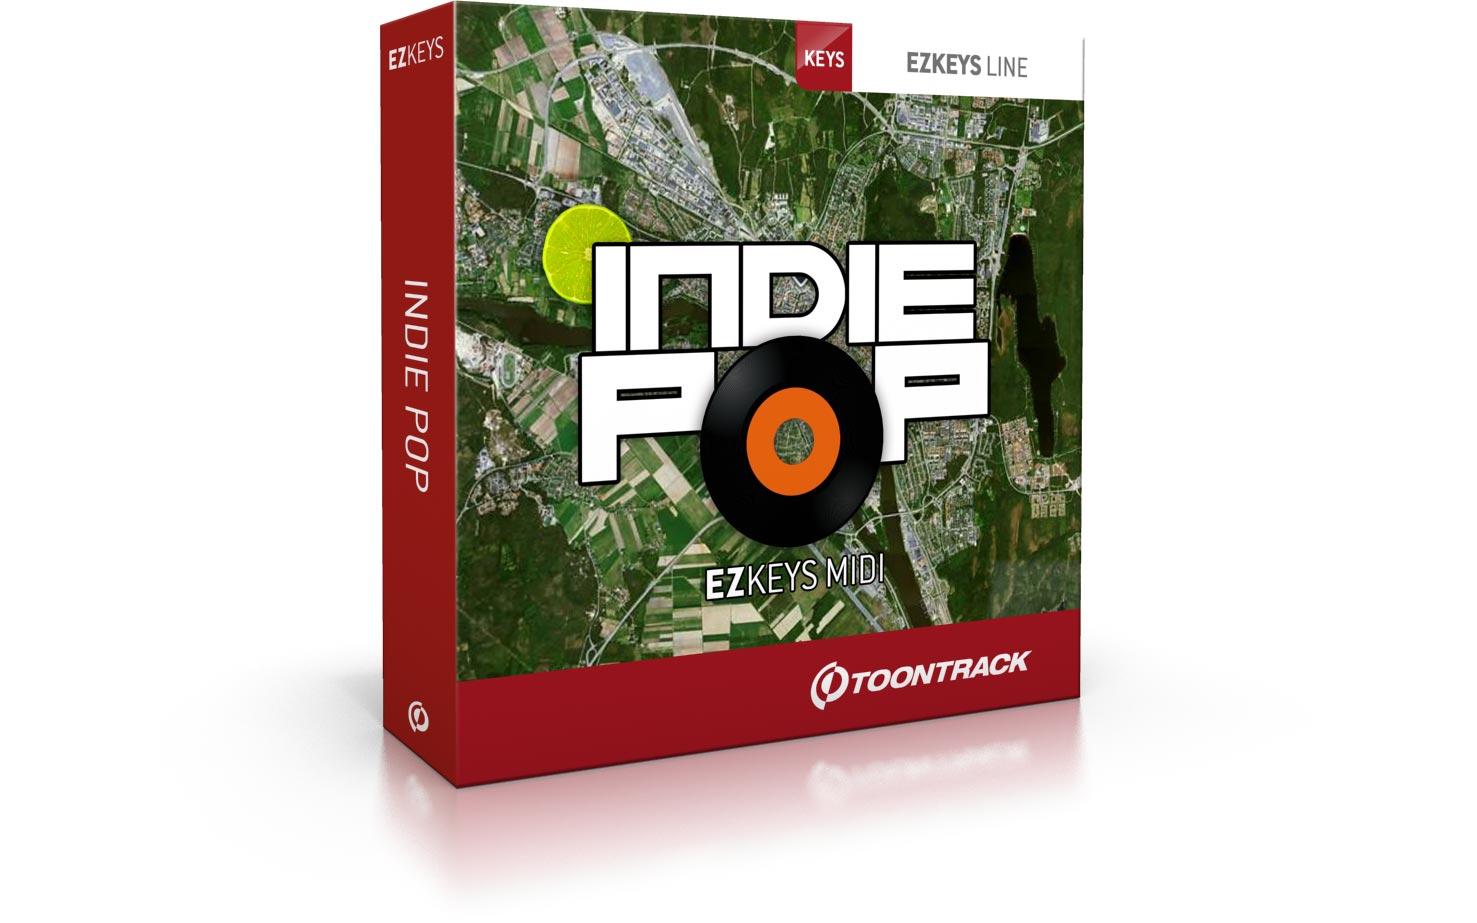 toontrack-ezkeys-indie-pop-midi-pack-download-